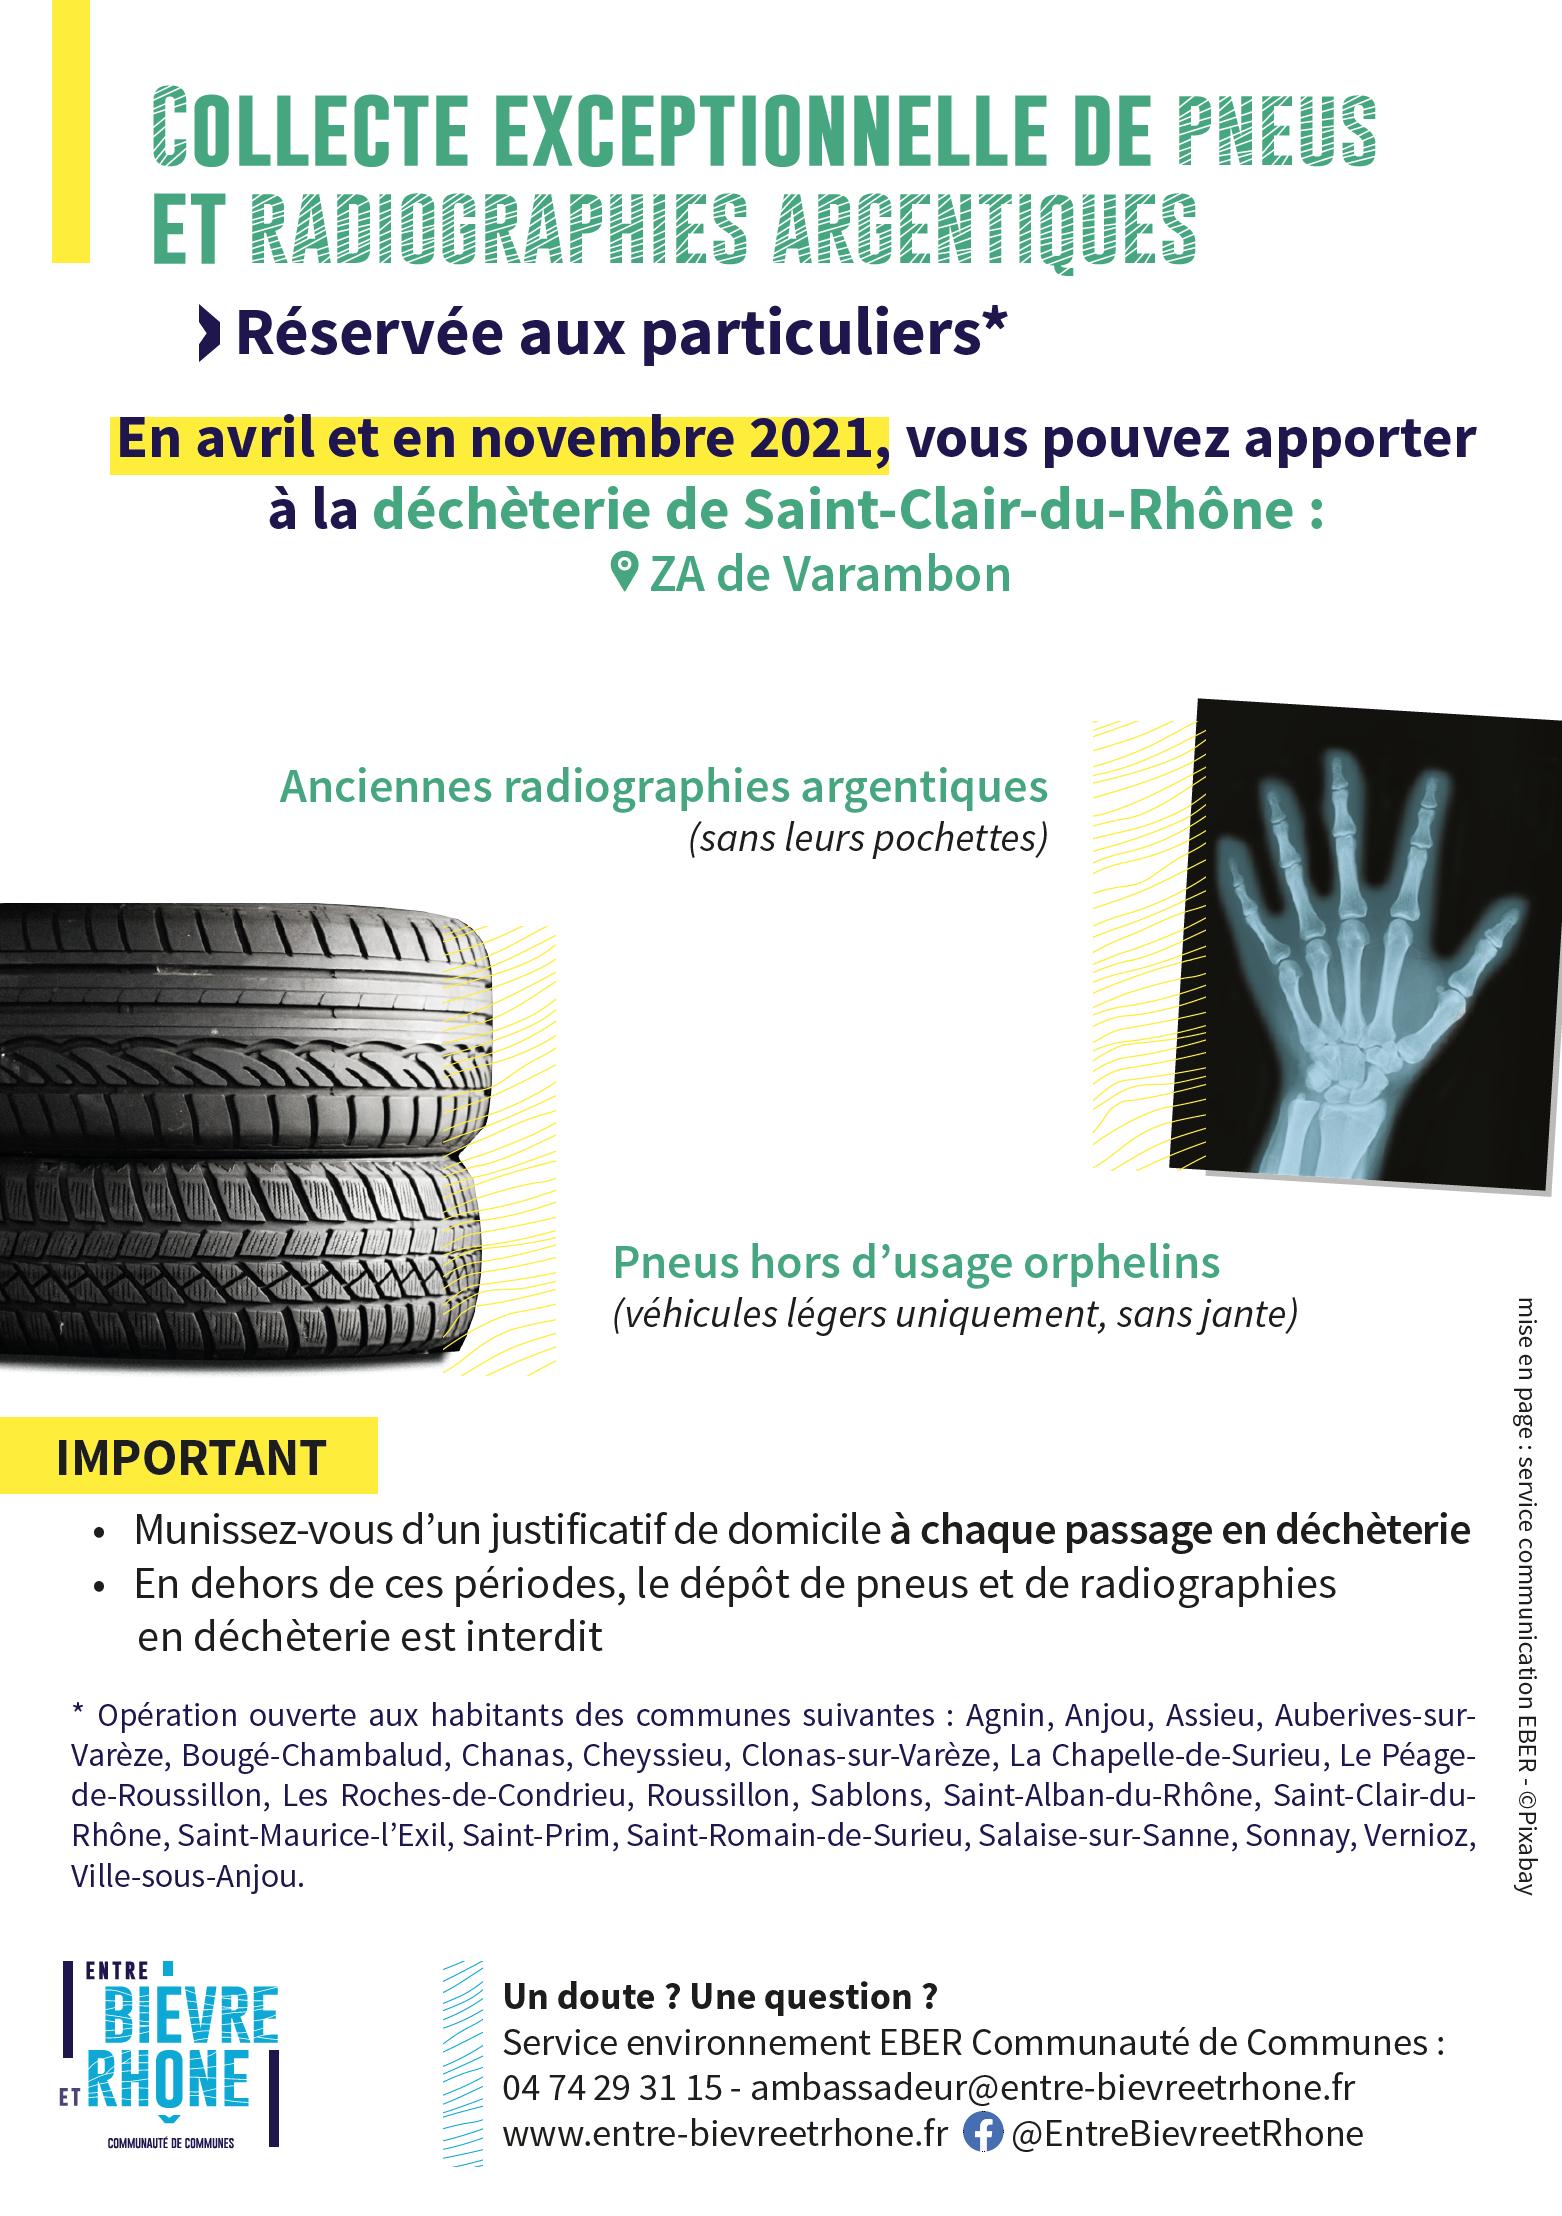 2021 A5_Collecte_Pneus_Radio.png